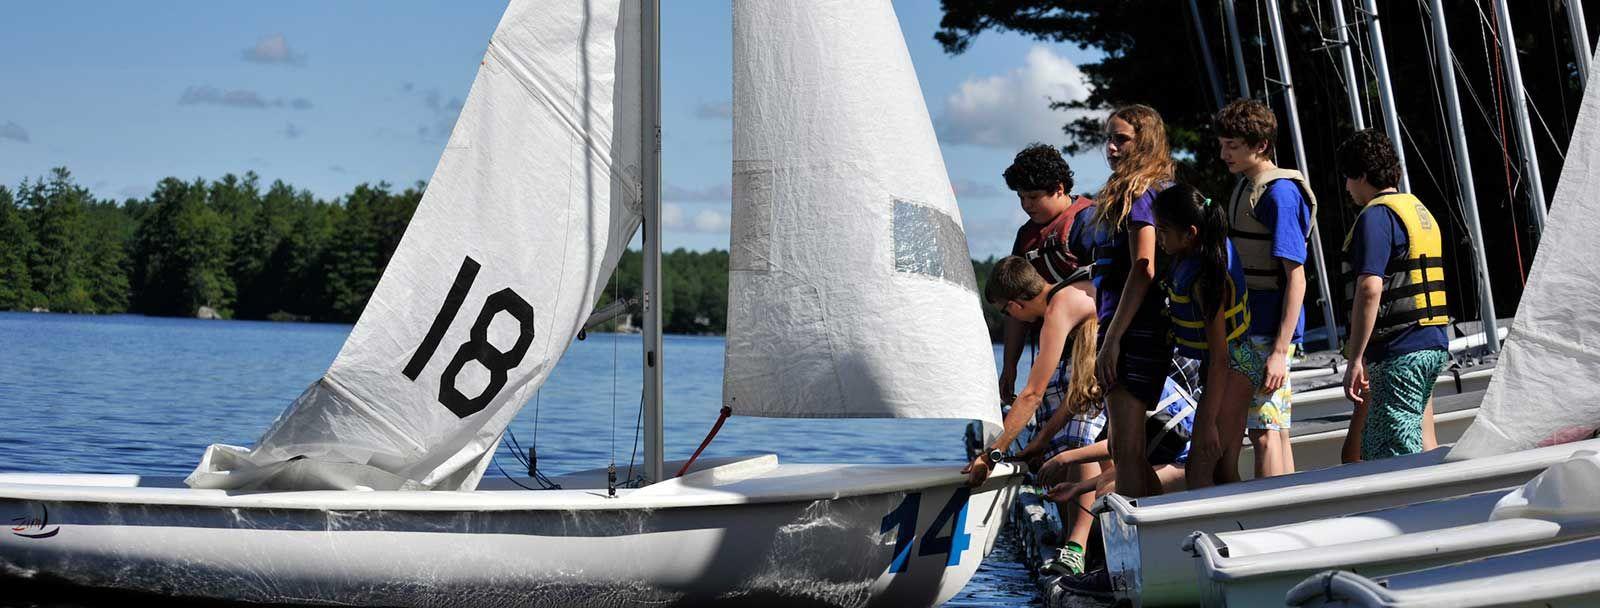 UNH sailing camp